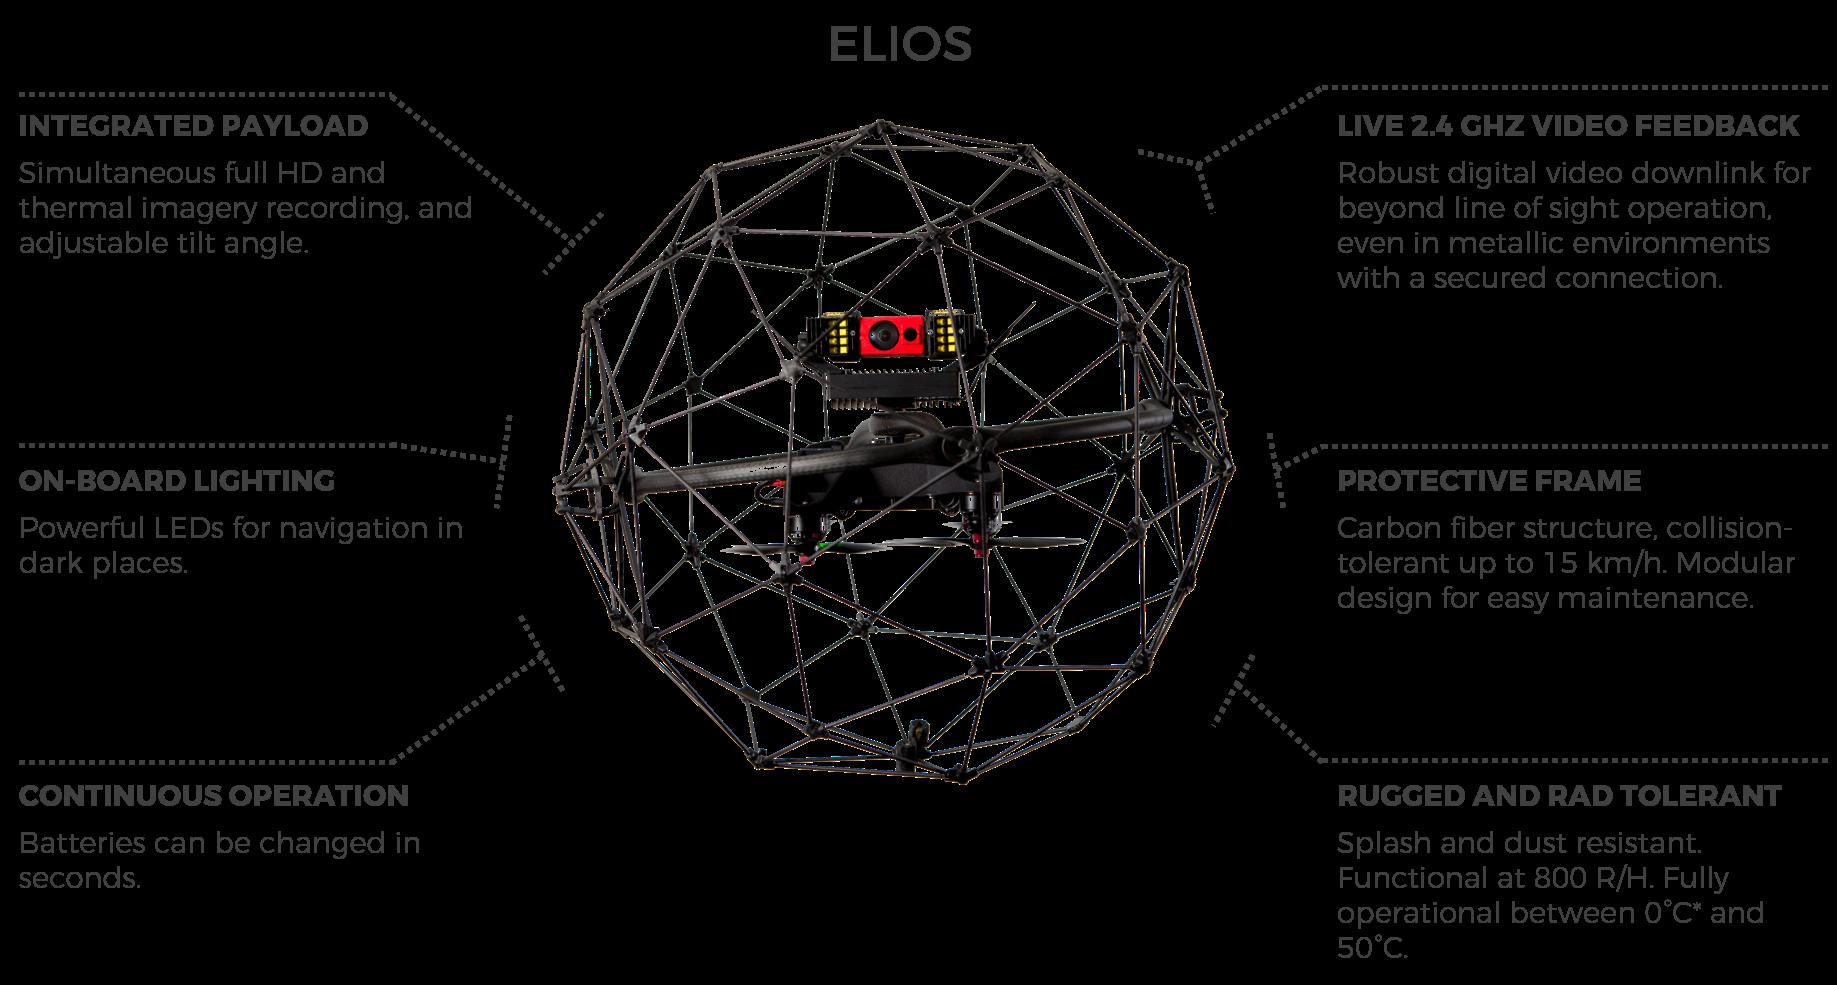 elios-features